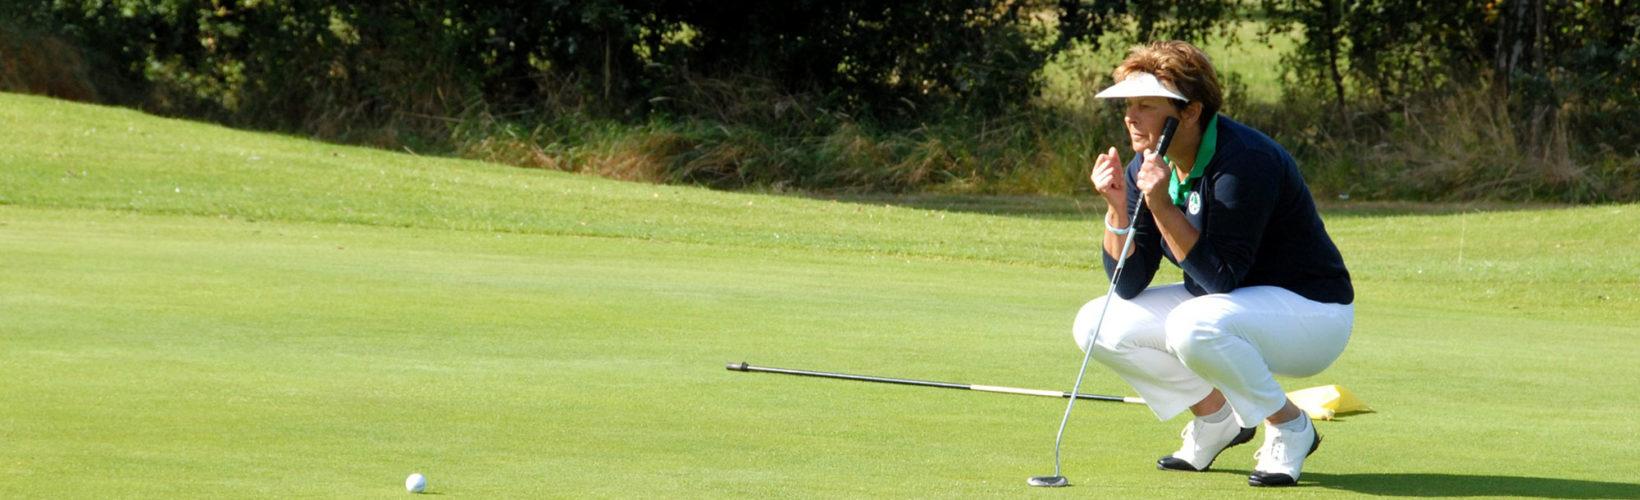 Golfa i Karlstad